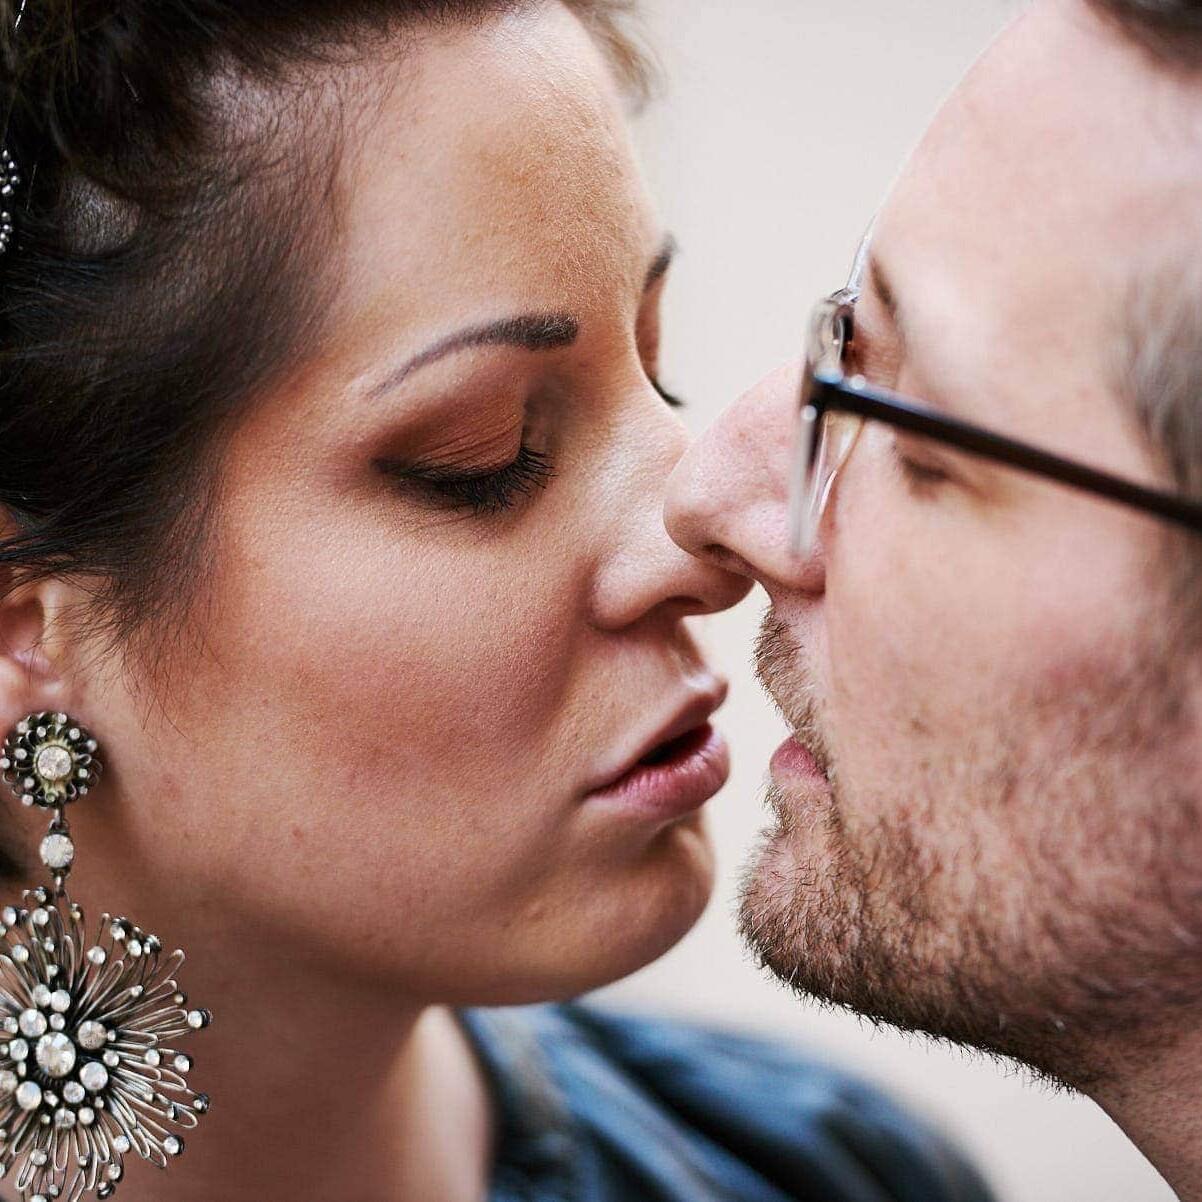 fotograf hochzeit fotoshooting judengasse trier